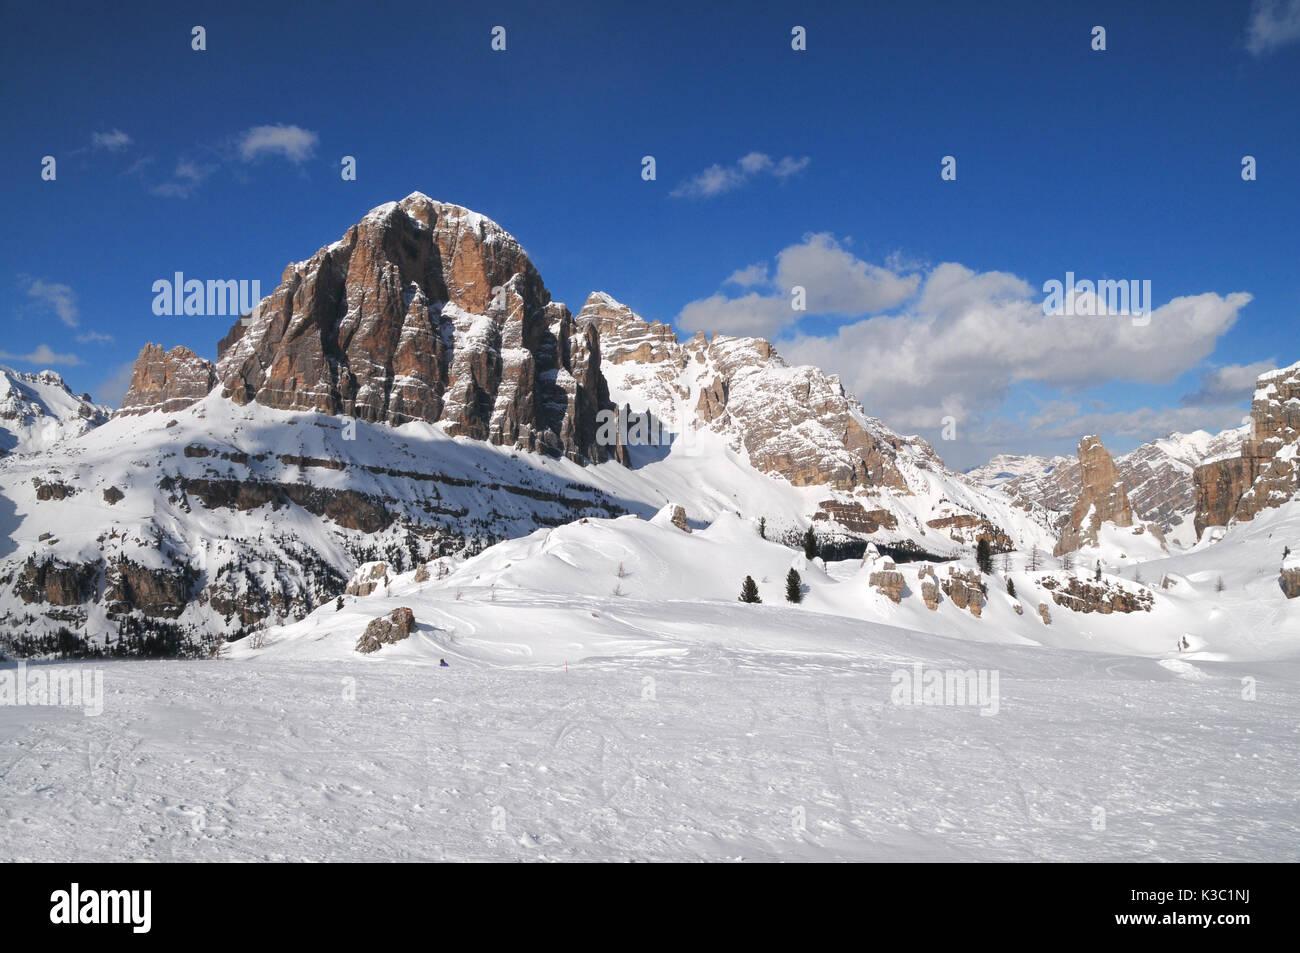 Gruppo delle Tofane nelle Dolomiti, (Tofana di Mezzo, Tofana di dentro e Tofana di Rozes) come visto dal rifugio scoiattoli vicino a Cortina d'ampezzo, Italia Immagini Stock